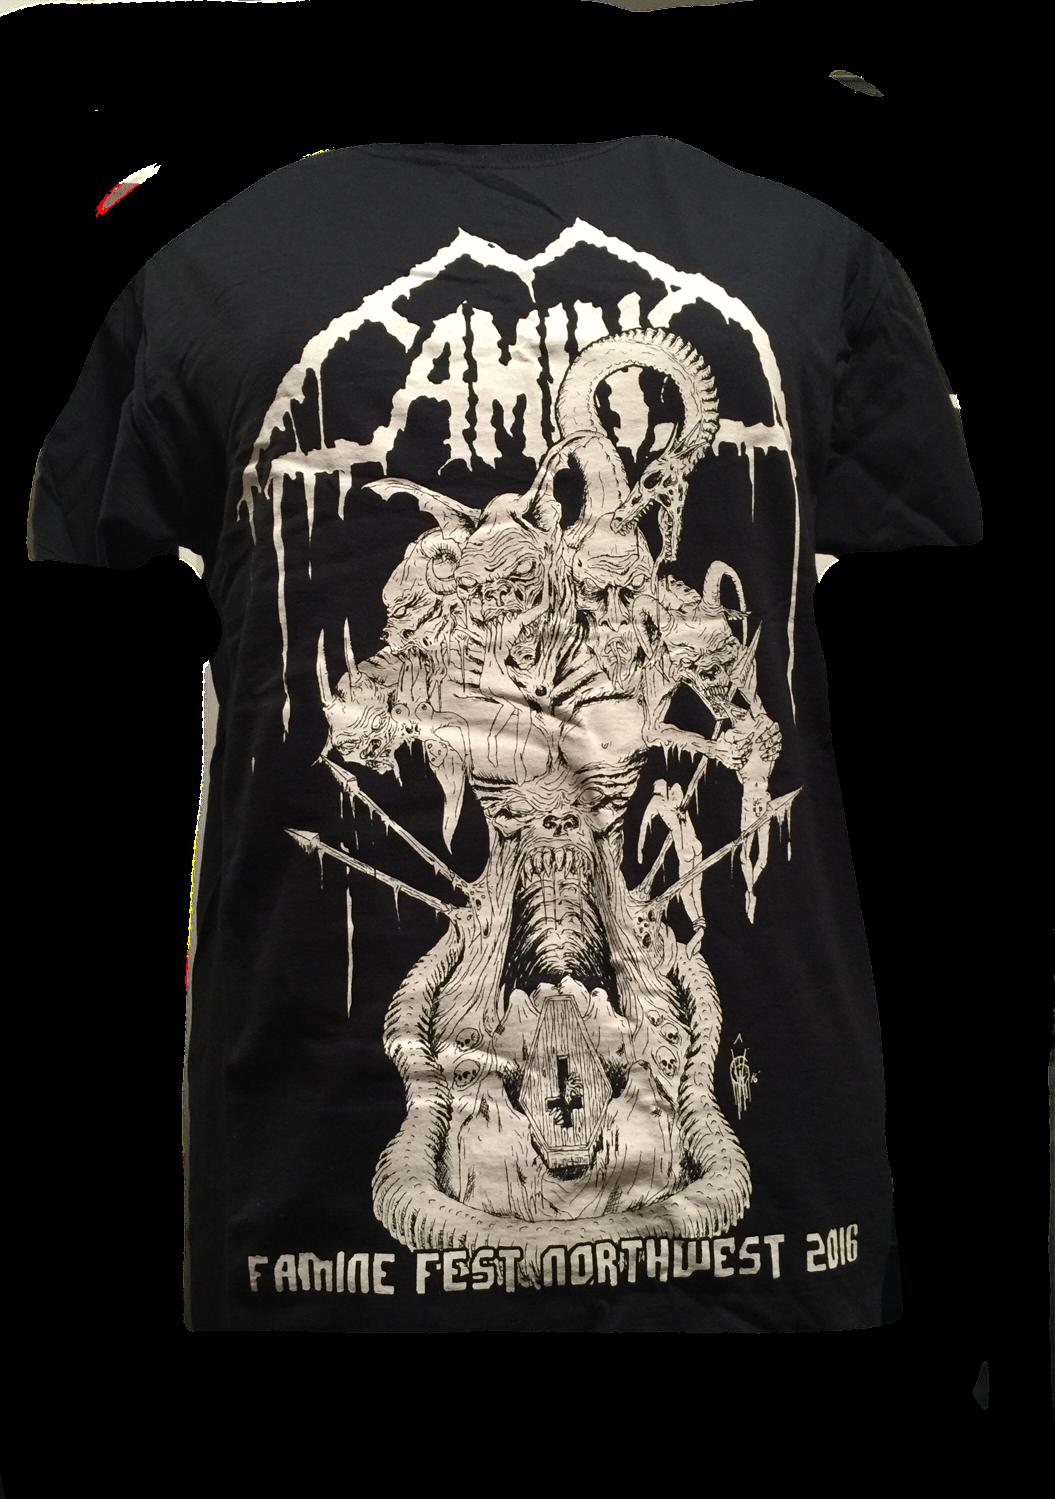 Famine Fest 2016 Shirt - Size Extra Large